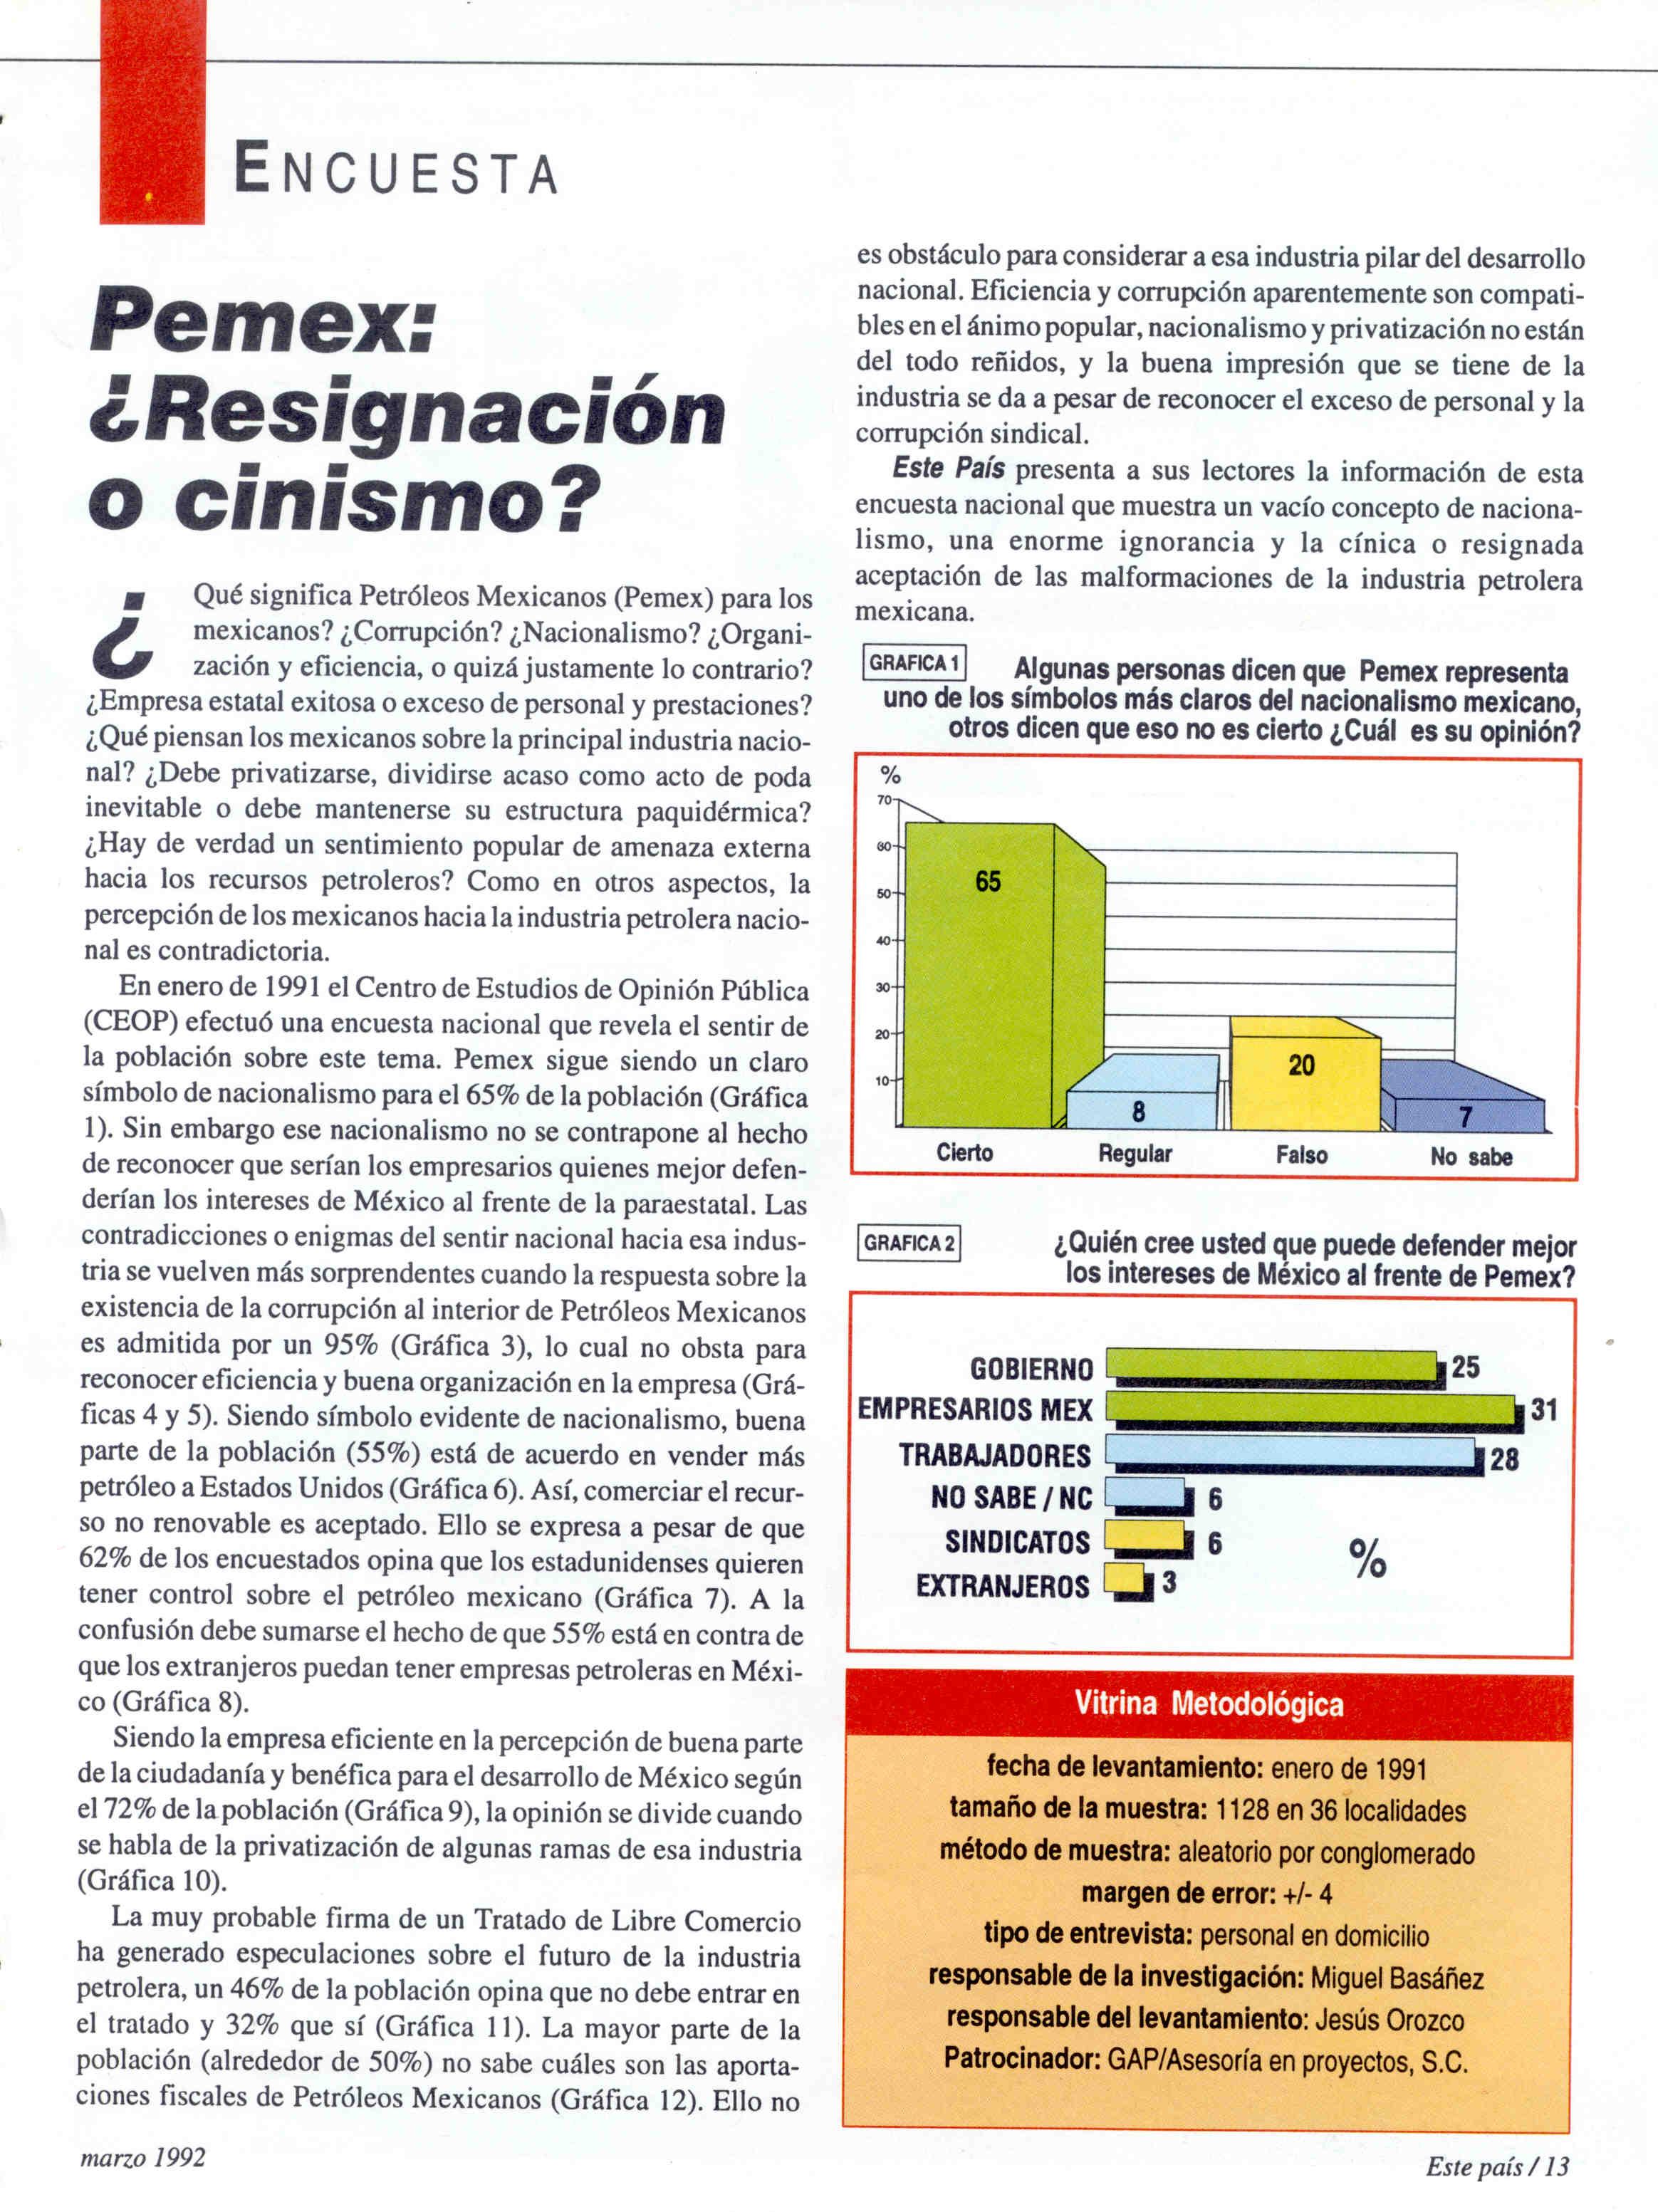 Pemex ¿Resignación o cinismo?